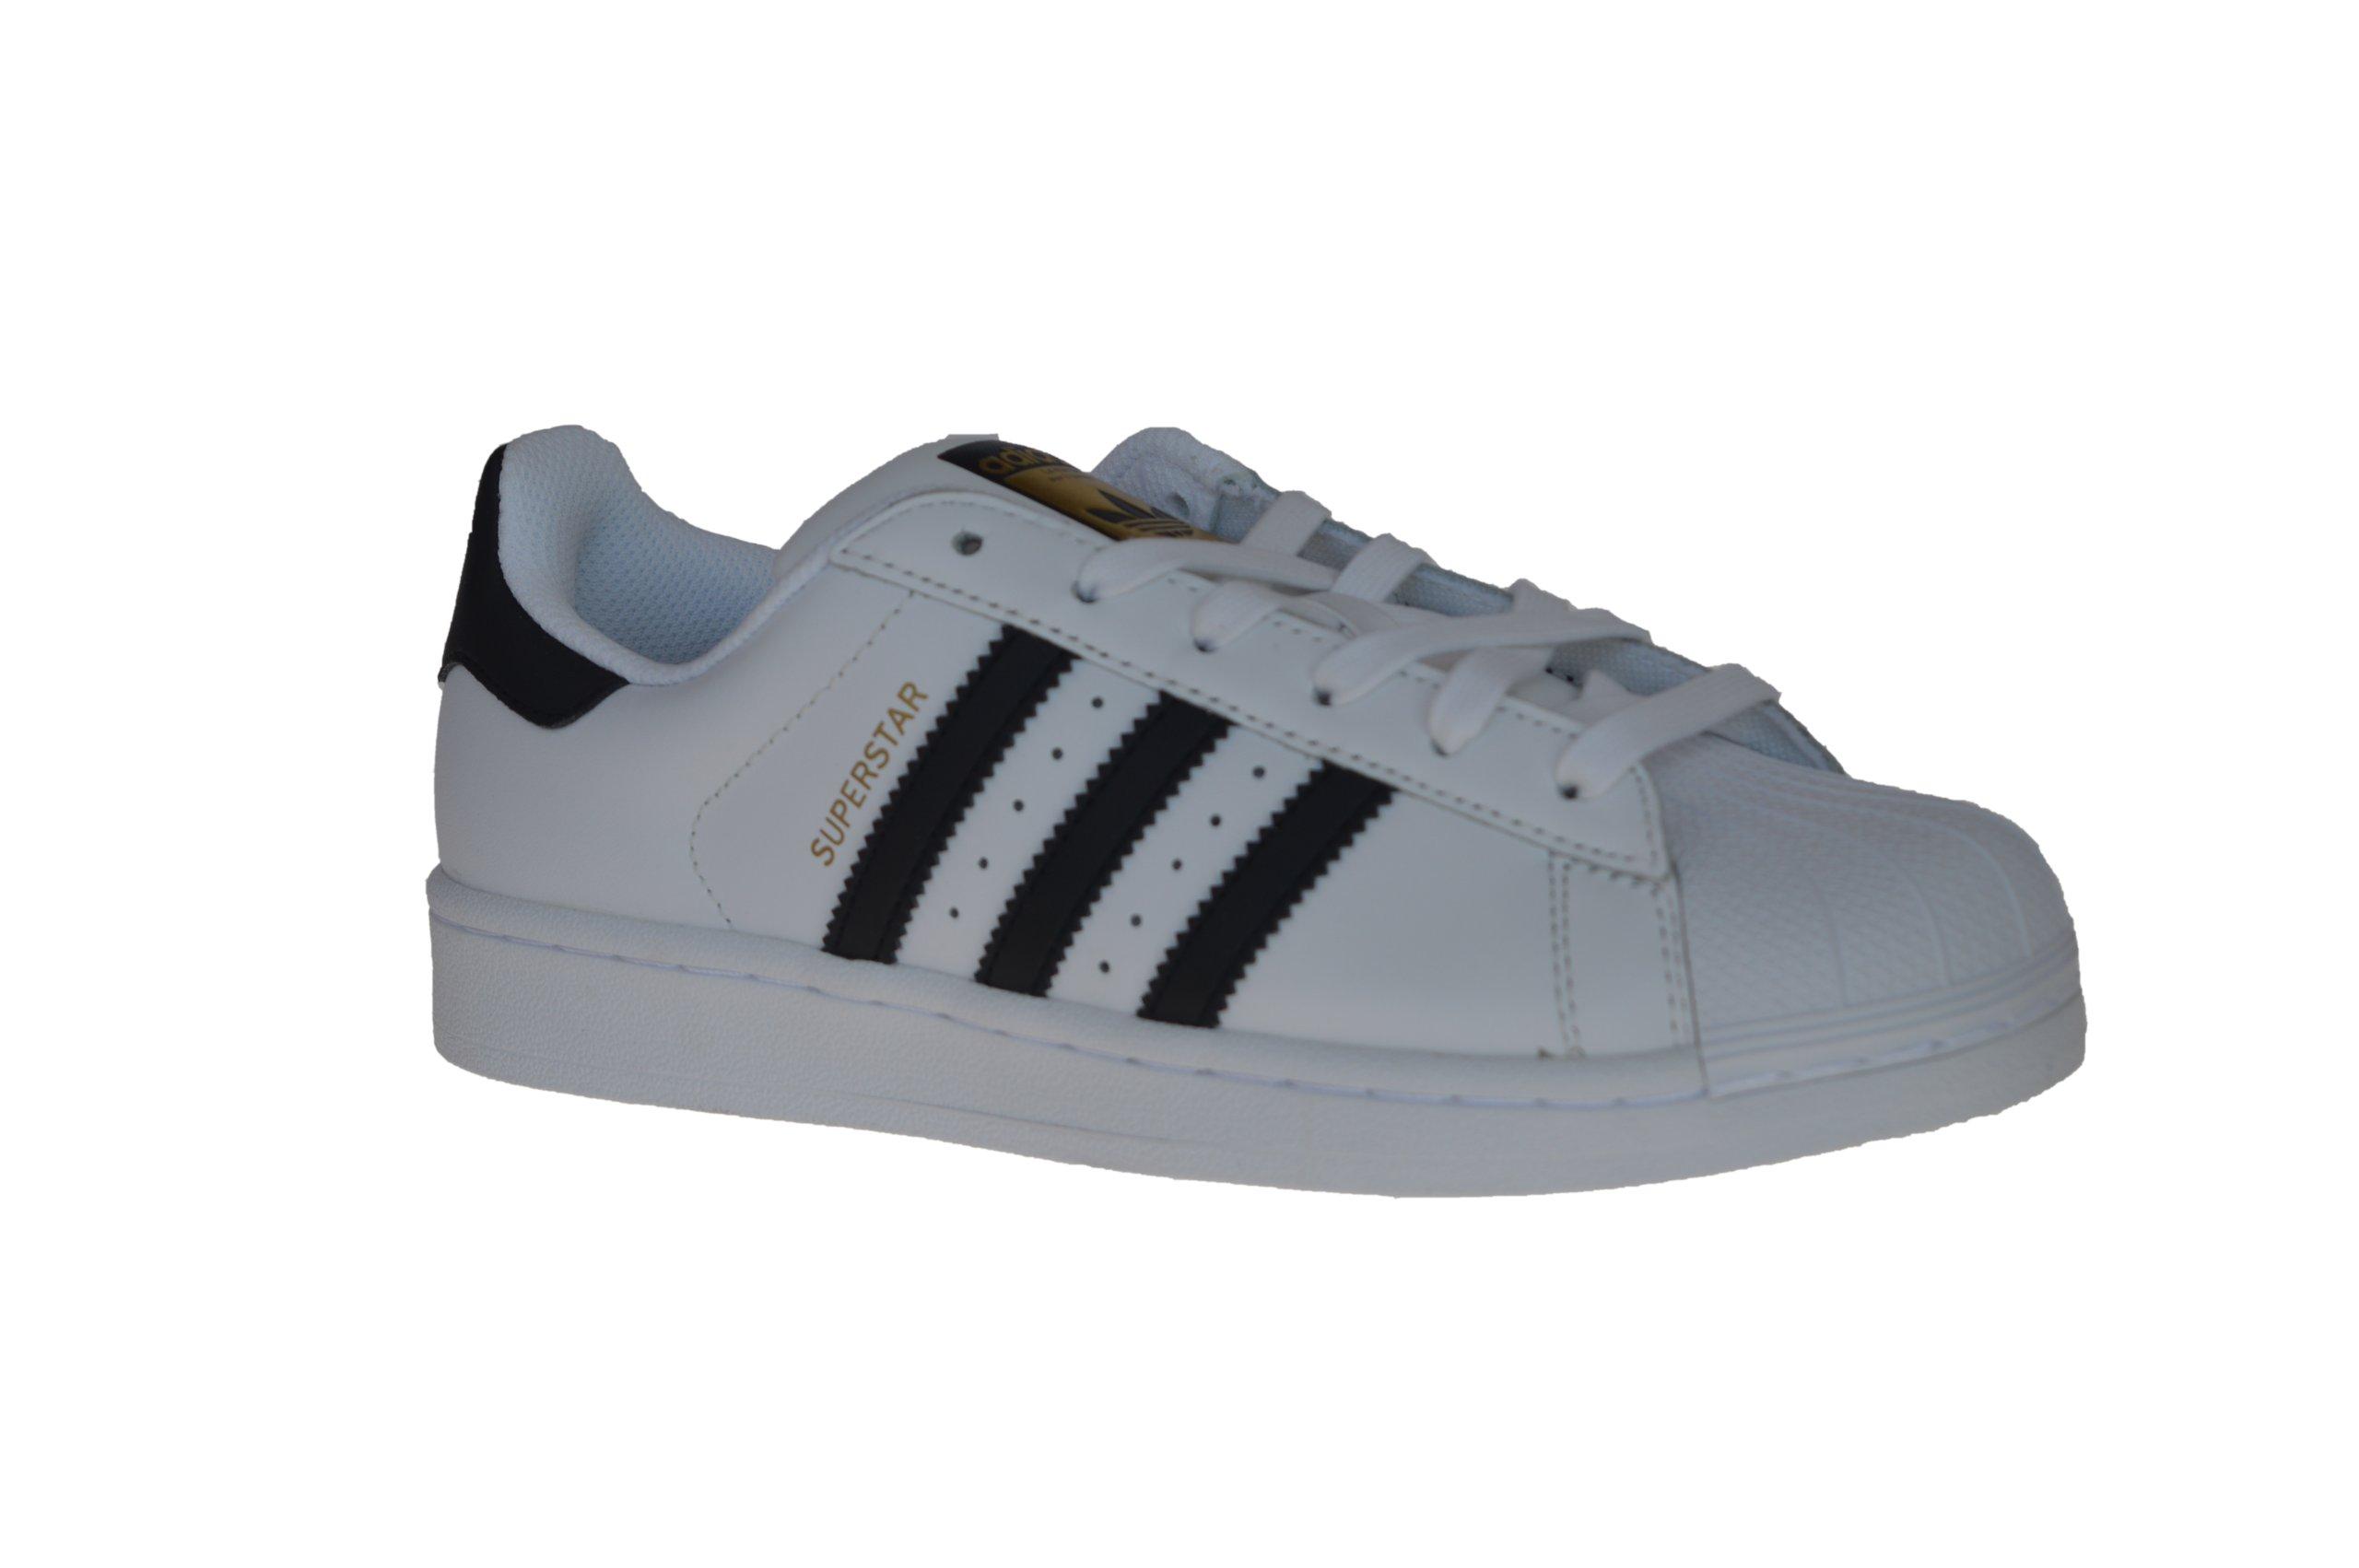 Oryginalne obuwie sportowe marki Adidas, roz. 35,5